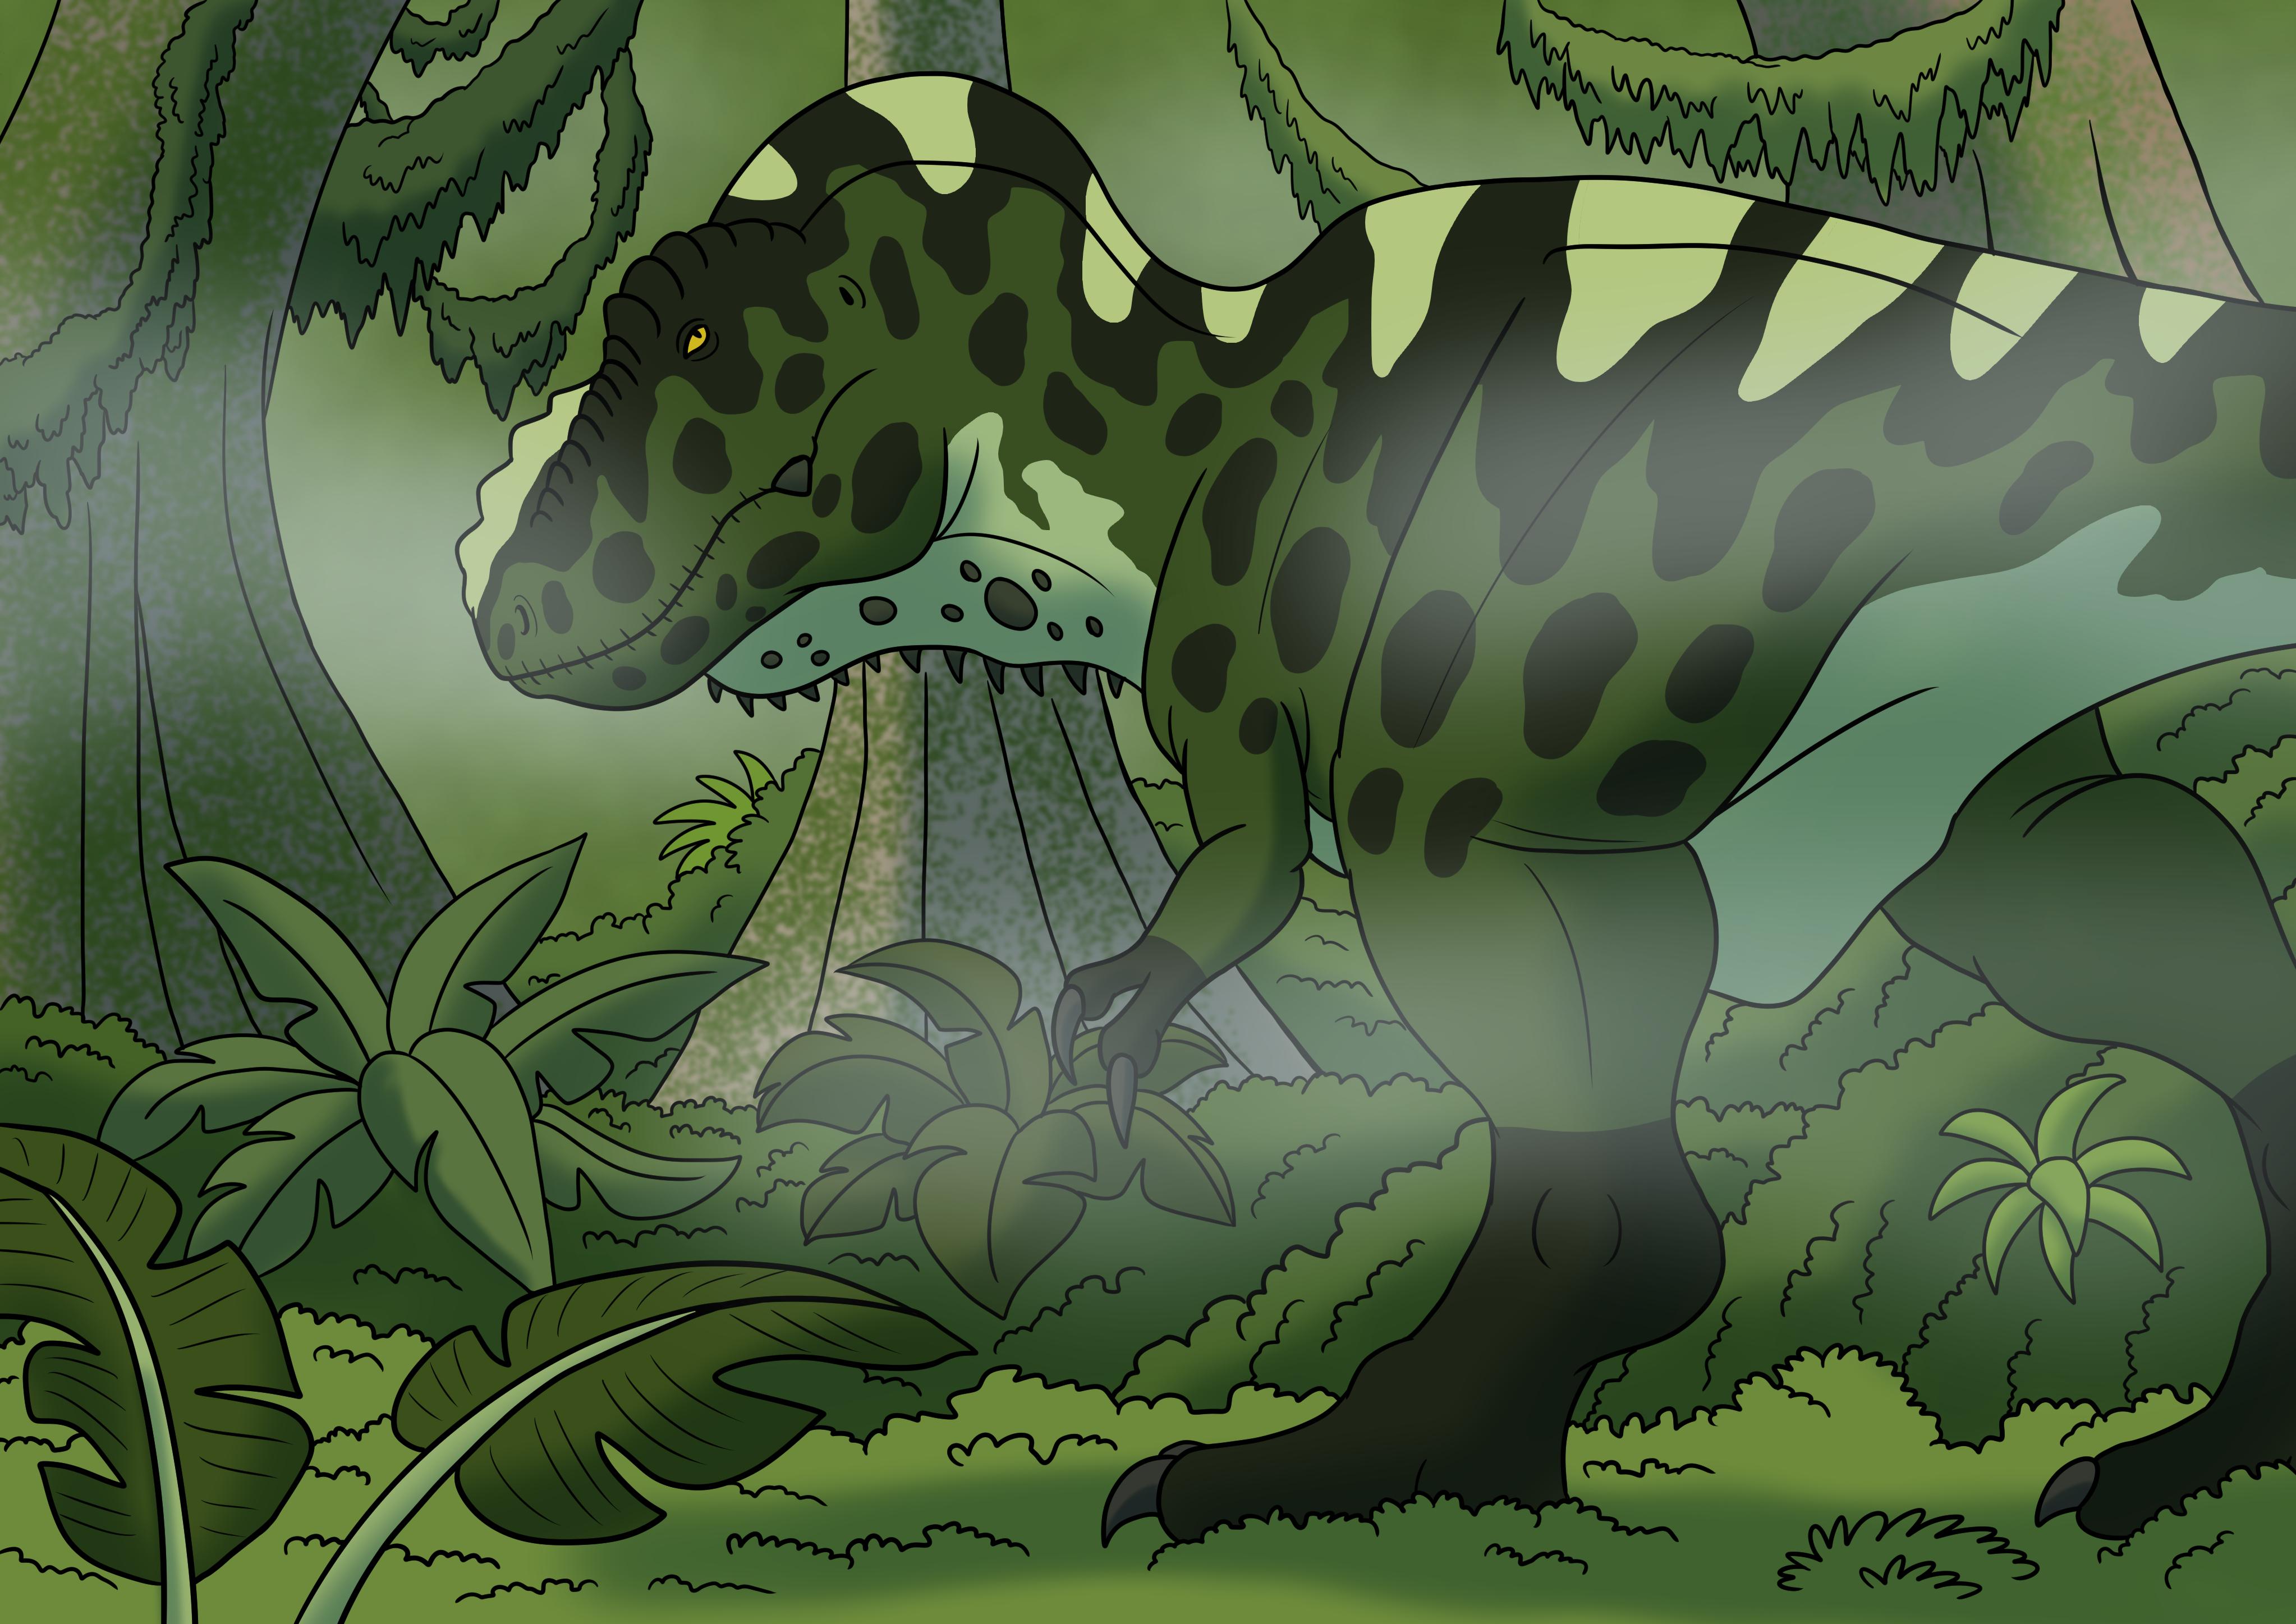 Tyrannosaur in the Mist